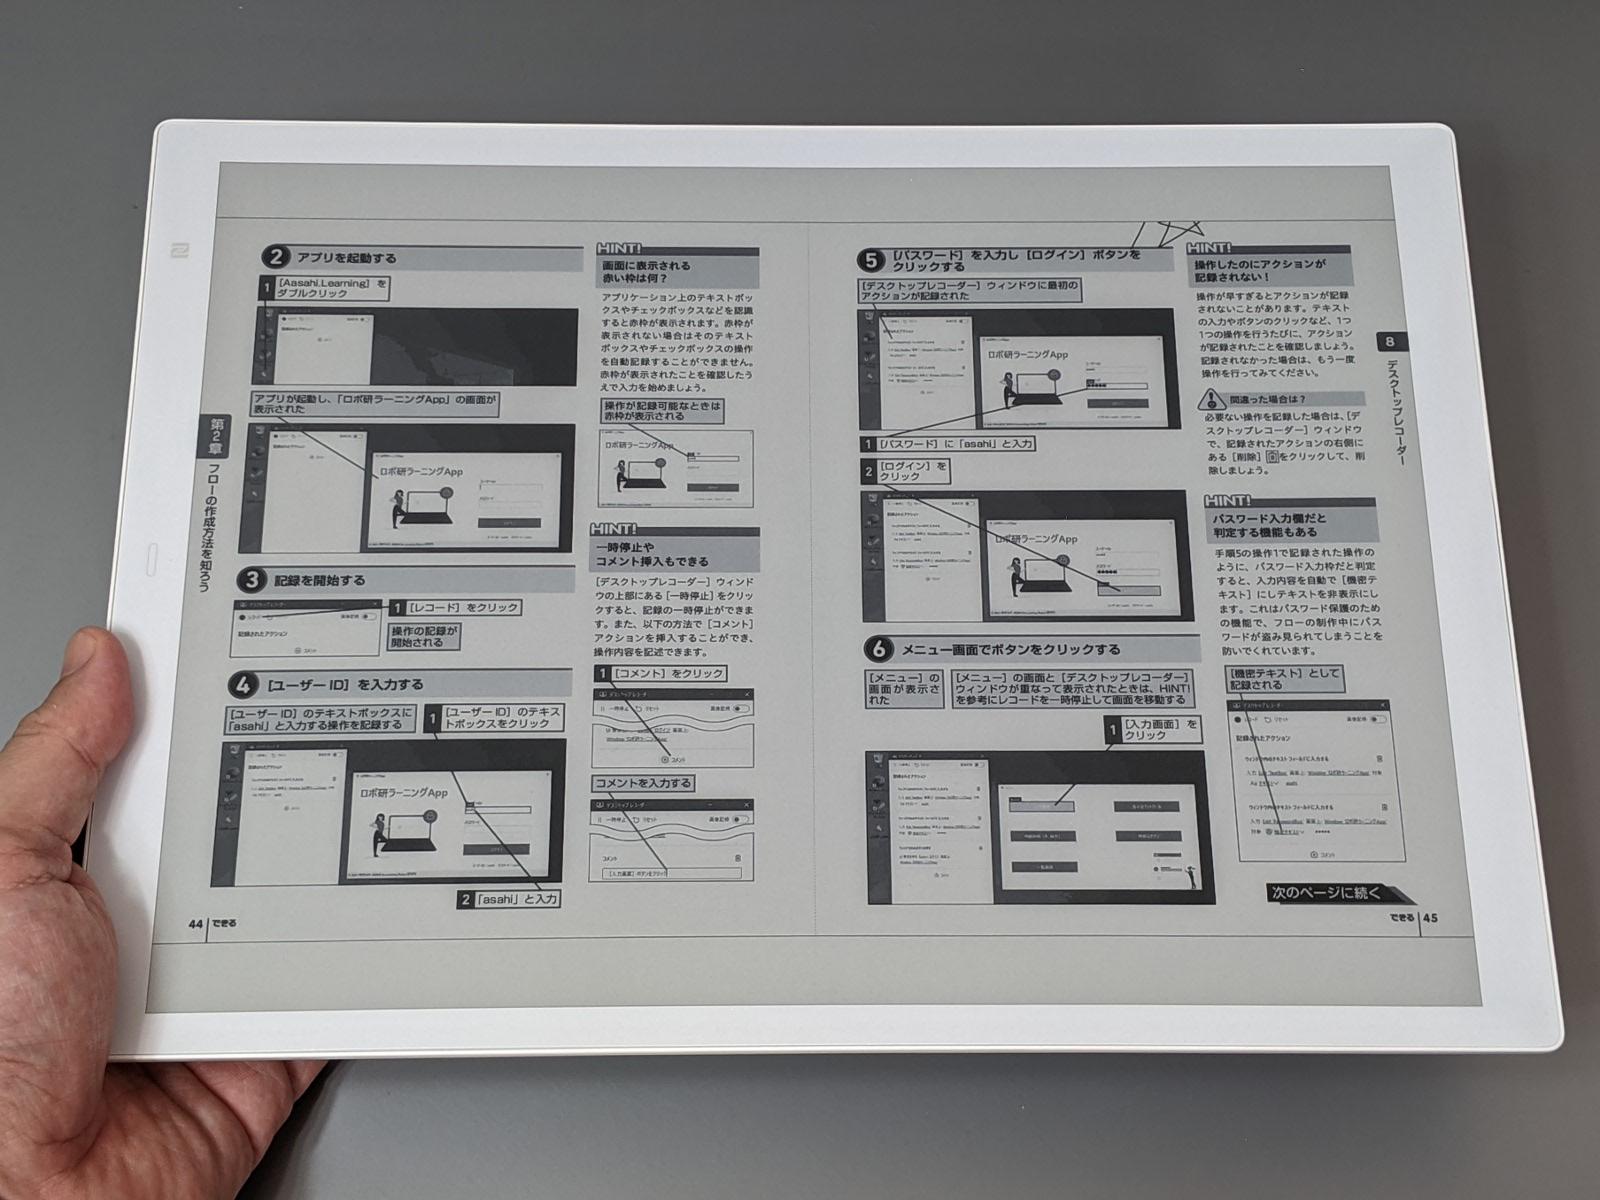 見開き表示。解像度は1,650×2,200ドット(207ppi)と、前述の12.9インチiPad Proにこそ負けるが、細かい注釈も問題なく読める